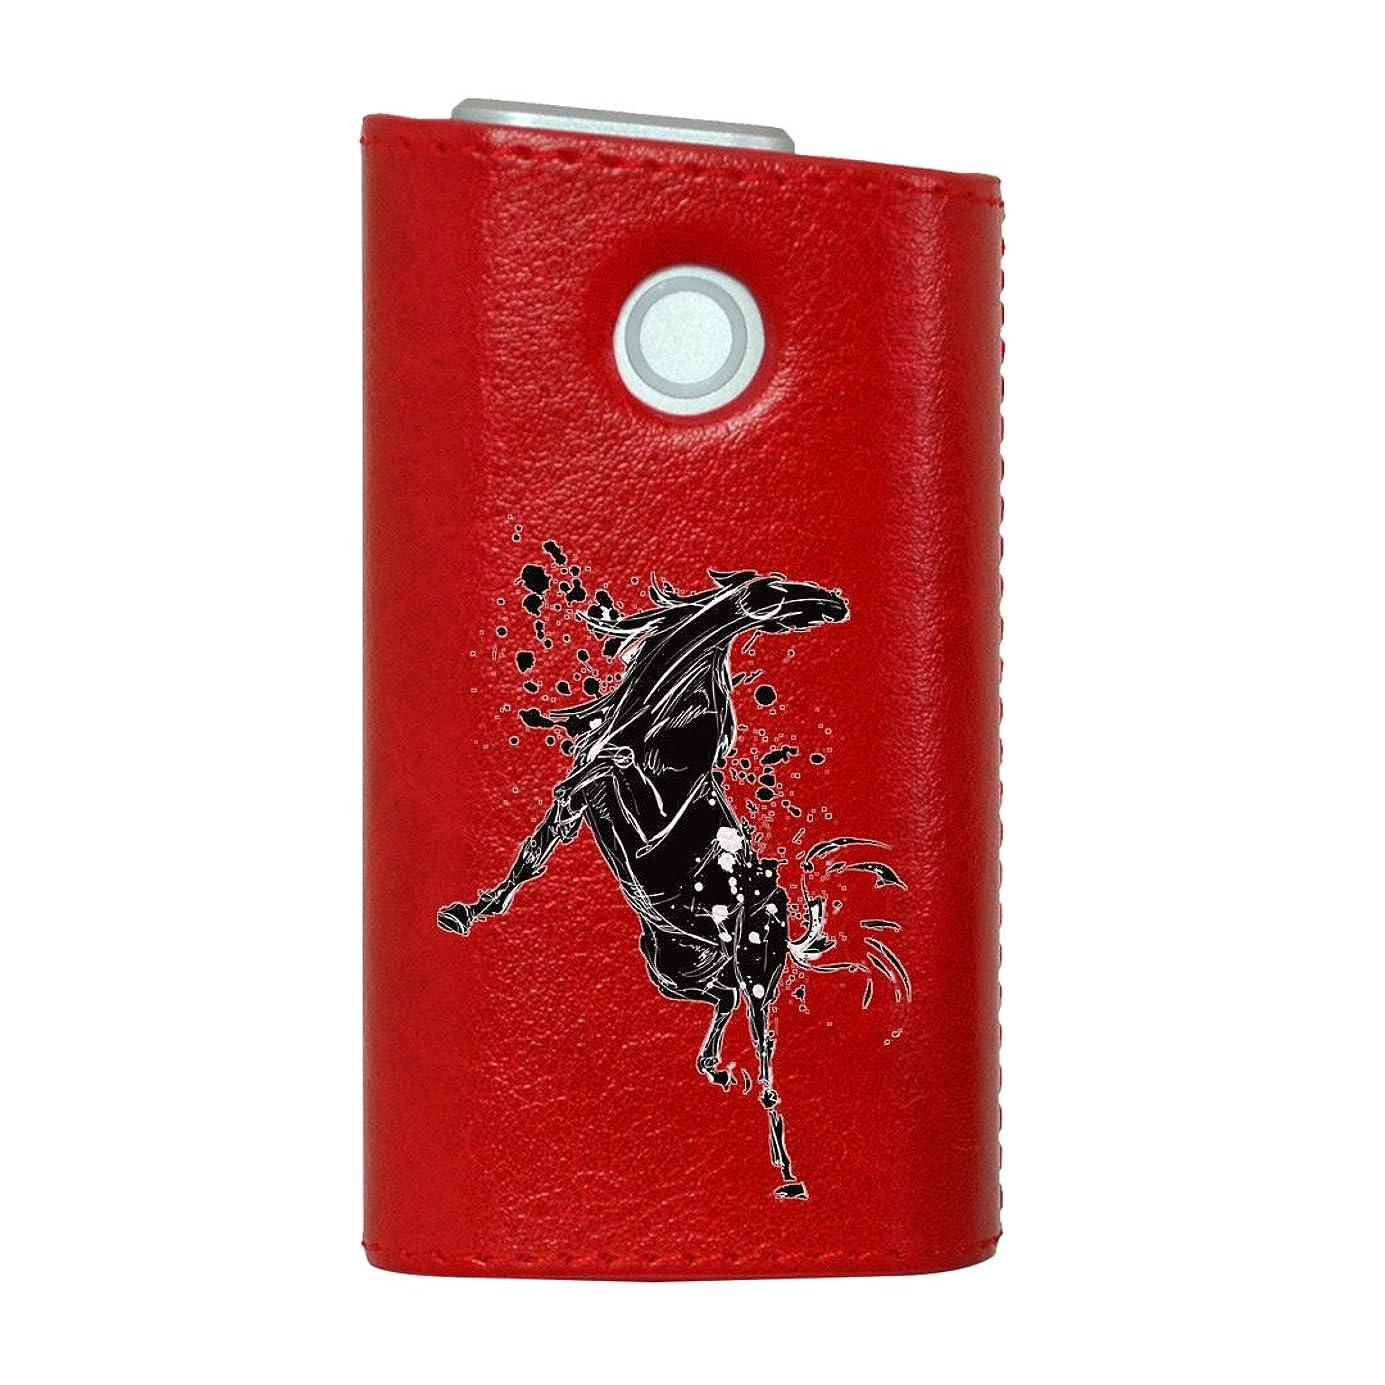 侮辱巻き取り省略glo グロー グロウ 専用 レザーケース レザーカバー タバコ ケース カバー 合皮 ハードケース カバー 収納 デザイン 革 皮 RED レッド 馬 動物 アニマル 014073